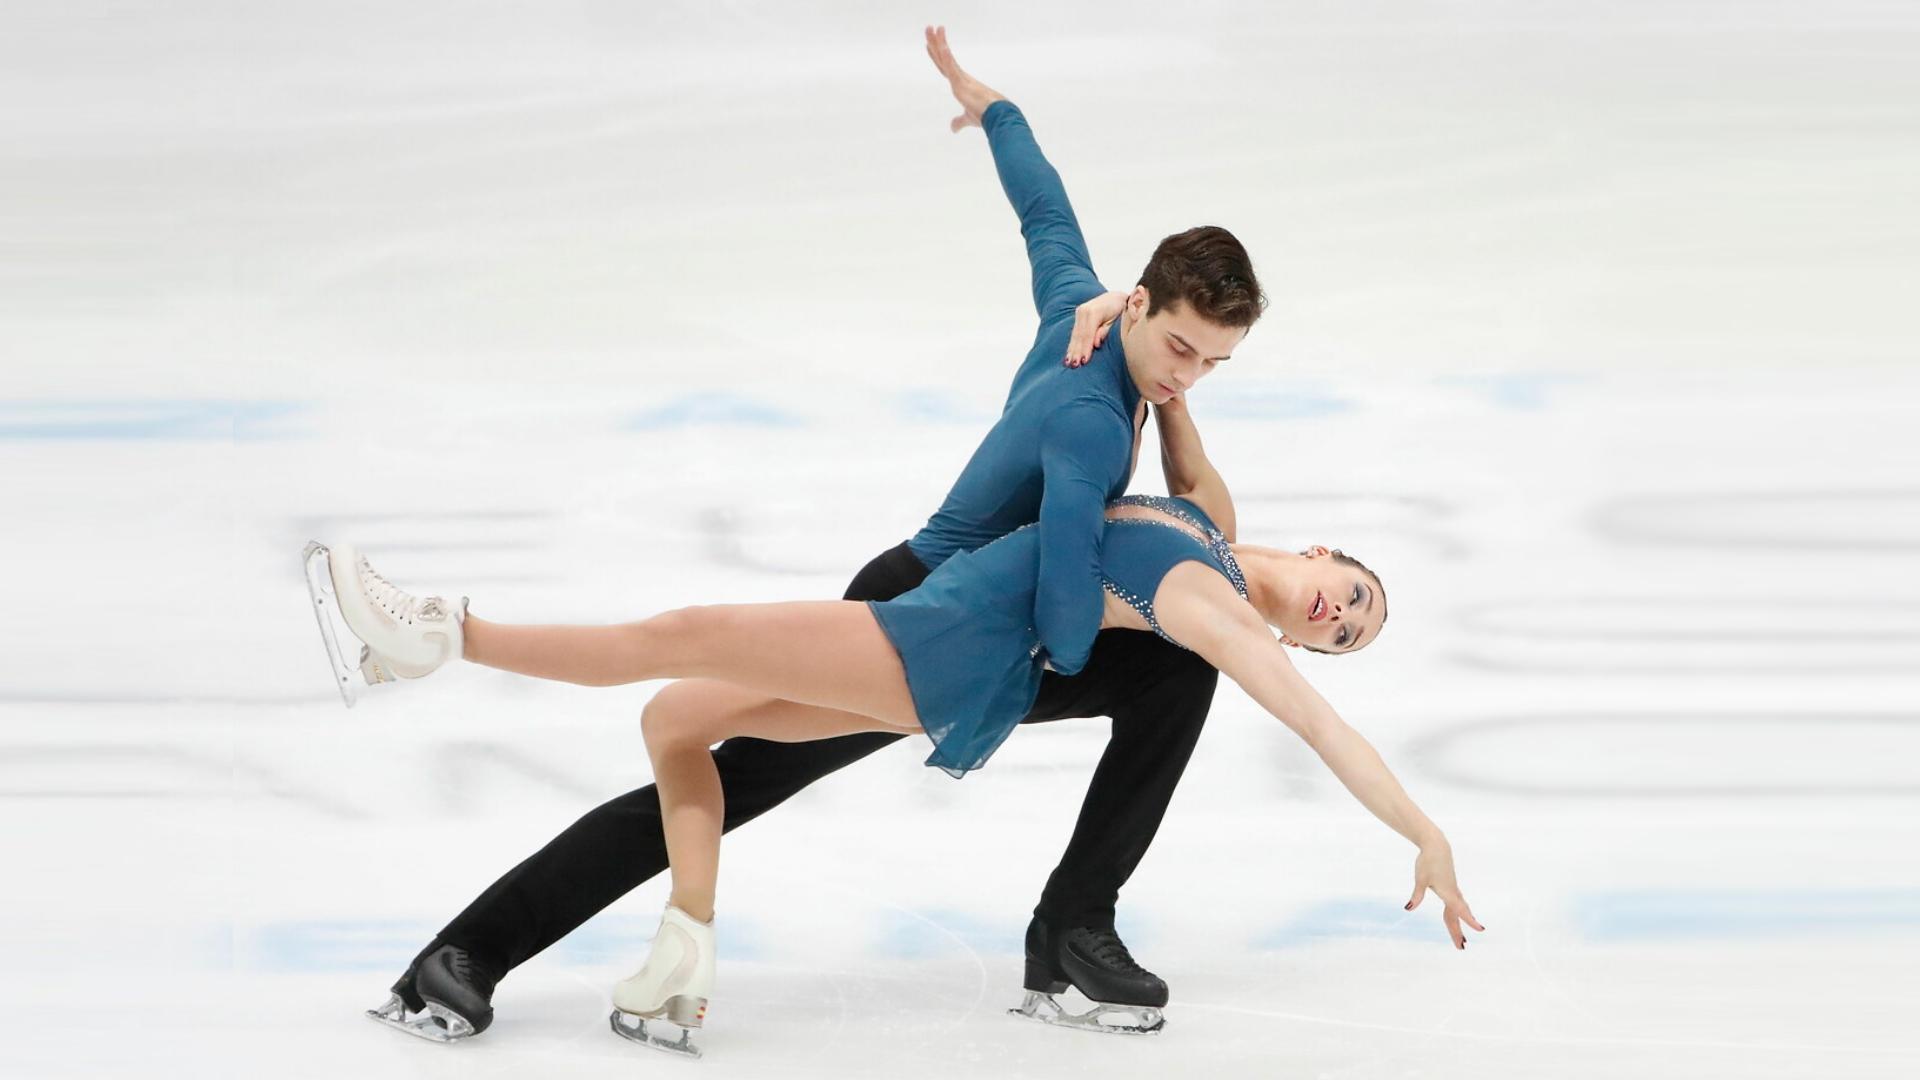 Patinaje artístico - Campeonato de Europa. Programa libre parejas